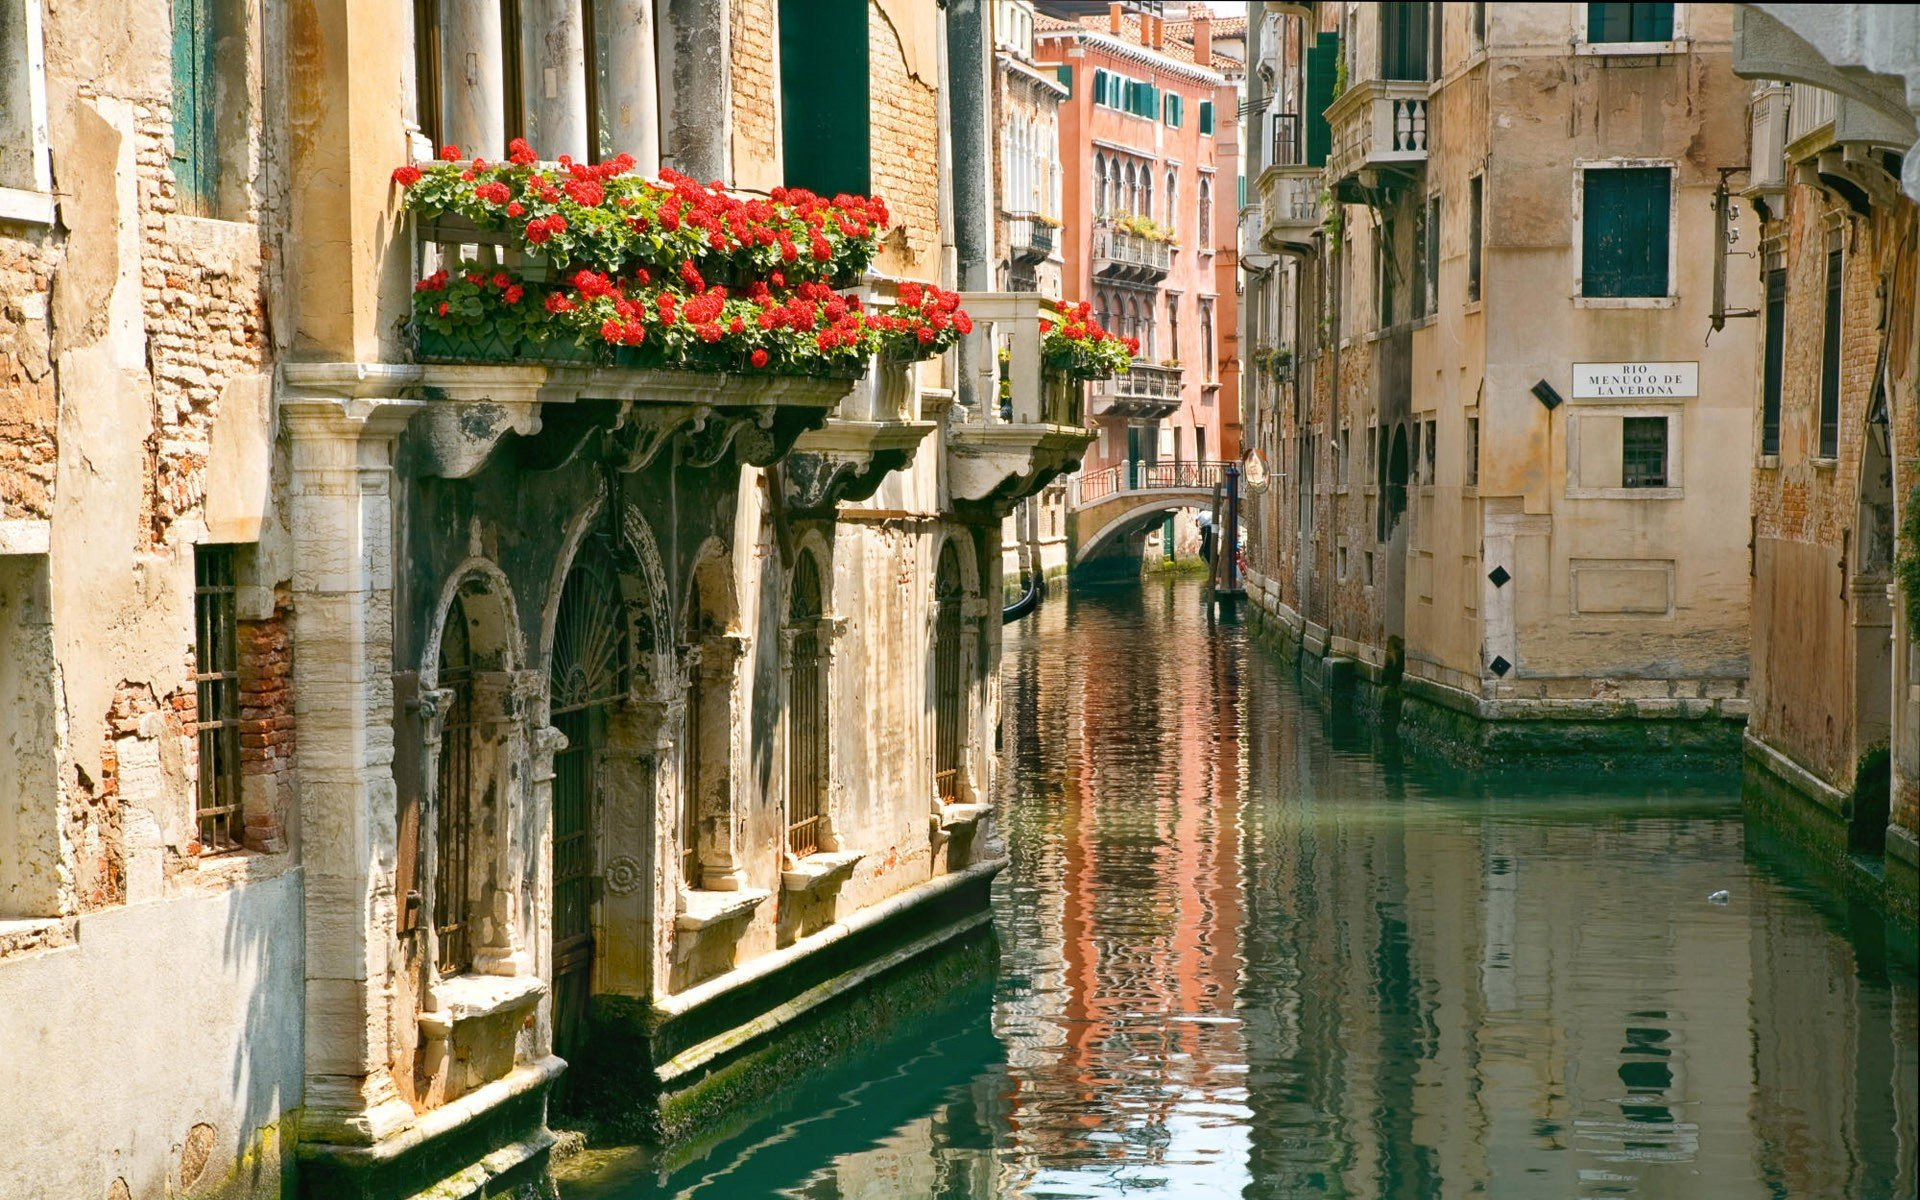 canal wallpaper 51226